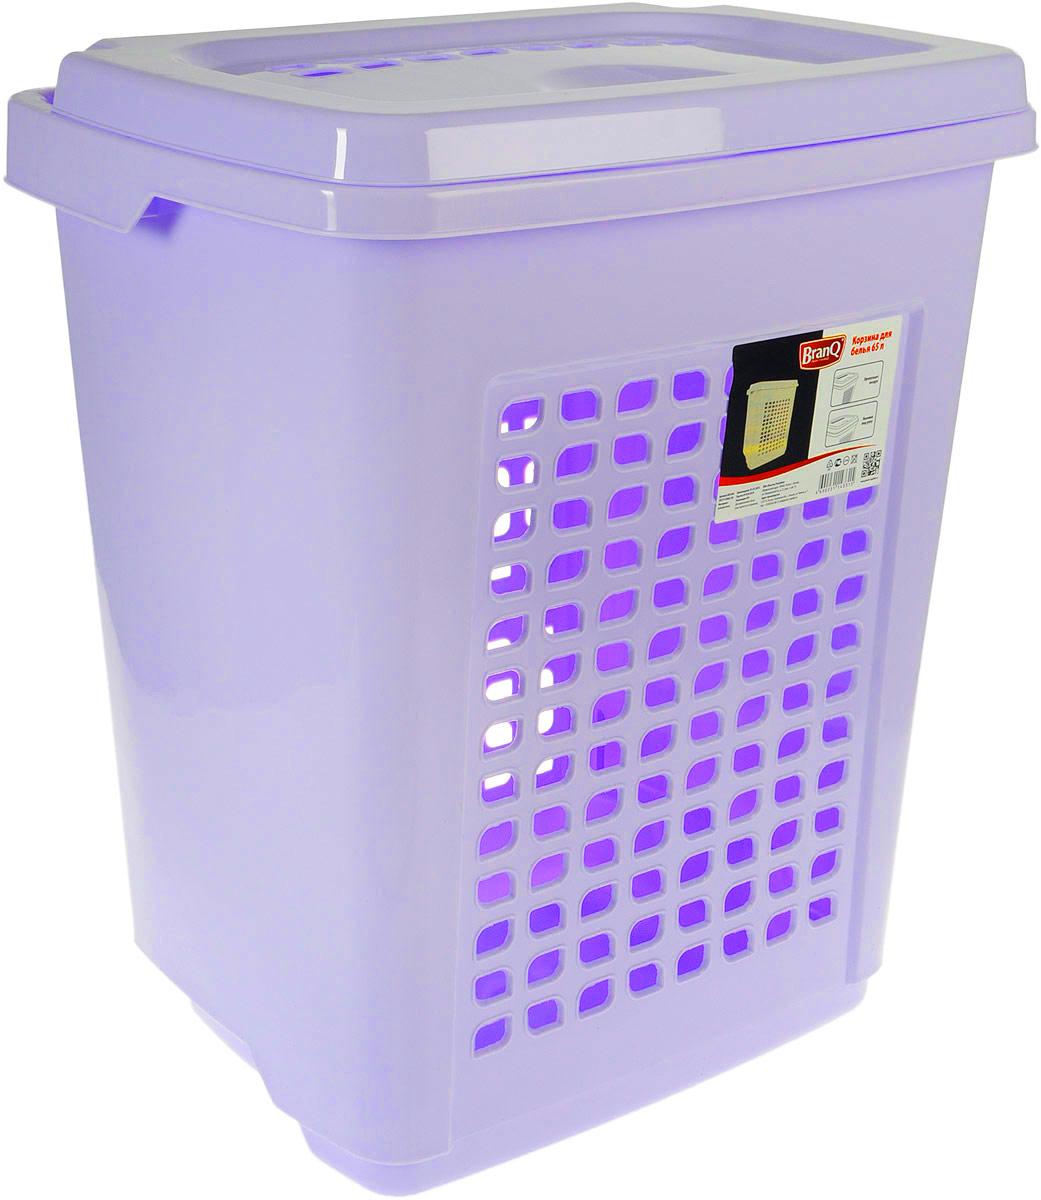 Корзина для белья BranQ, с крышкой, цвет: светло-сиреневый, 65 л391602Корзина для белья BranQ изготовлена из прочного пластика. Корзина пропускает воздух, устойчива к перепадам температур и влажности, поэтому идеально подходит для ванной комнаты. Изделие оснащено выемками под руки и крышкой. Можно использовать для хранения белья, детских игрушек, домашней обуви и прочих бытовых вещей. Элегантный дизайн подойдет к интерьеру любой ванной.